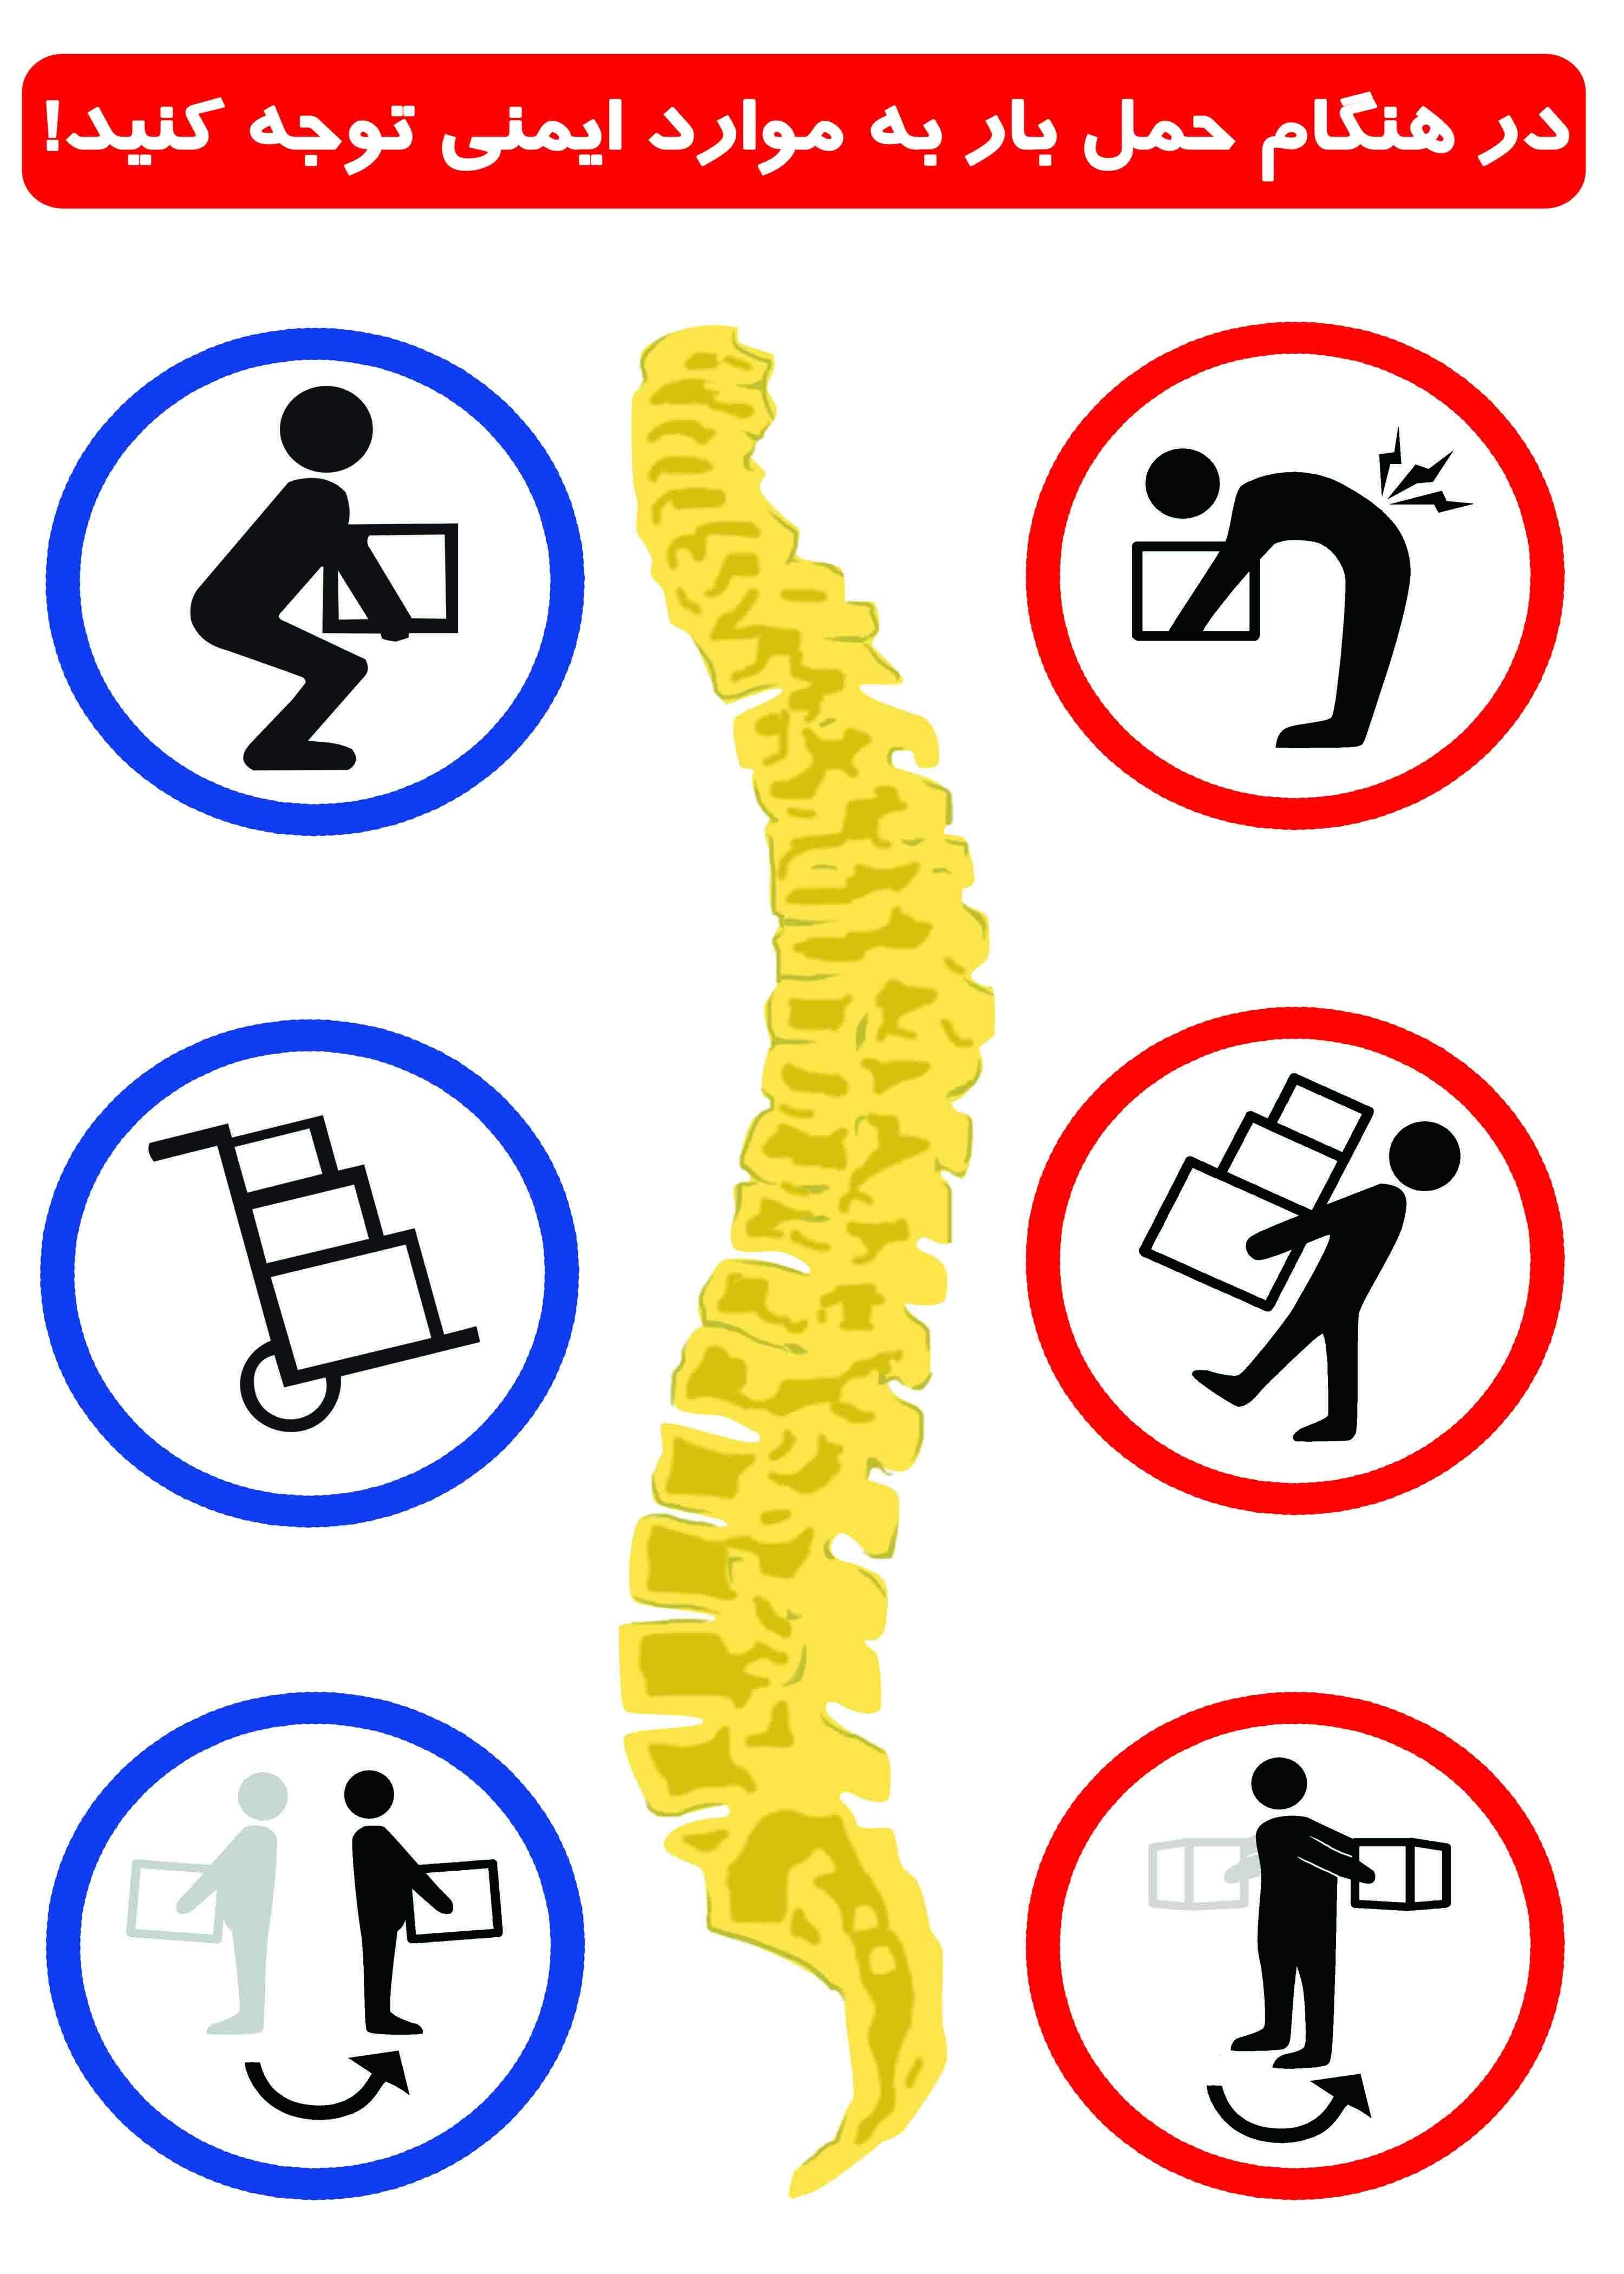 در هنگام حمل بار به موارد ایمنی توجه کنید